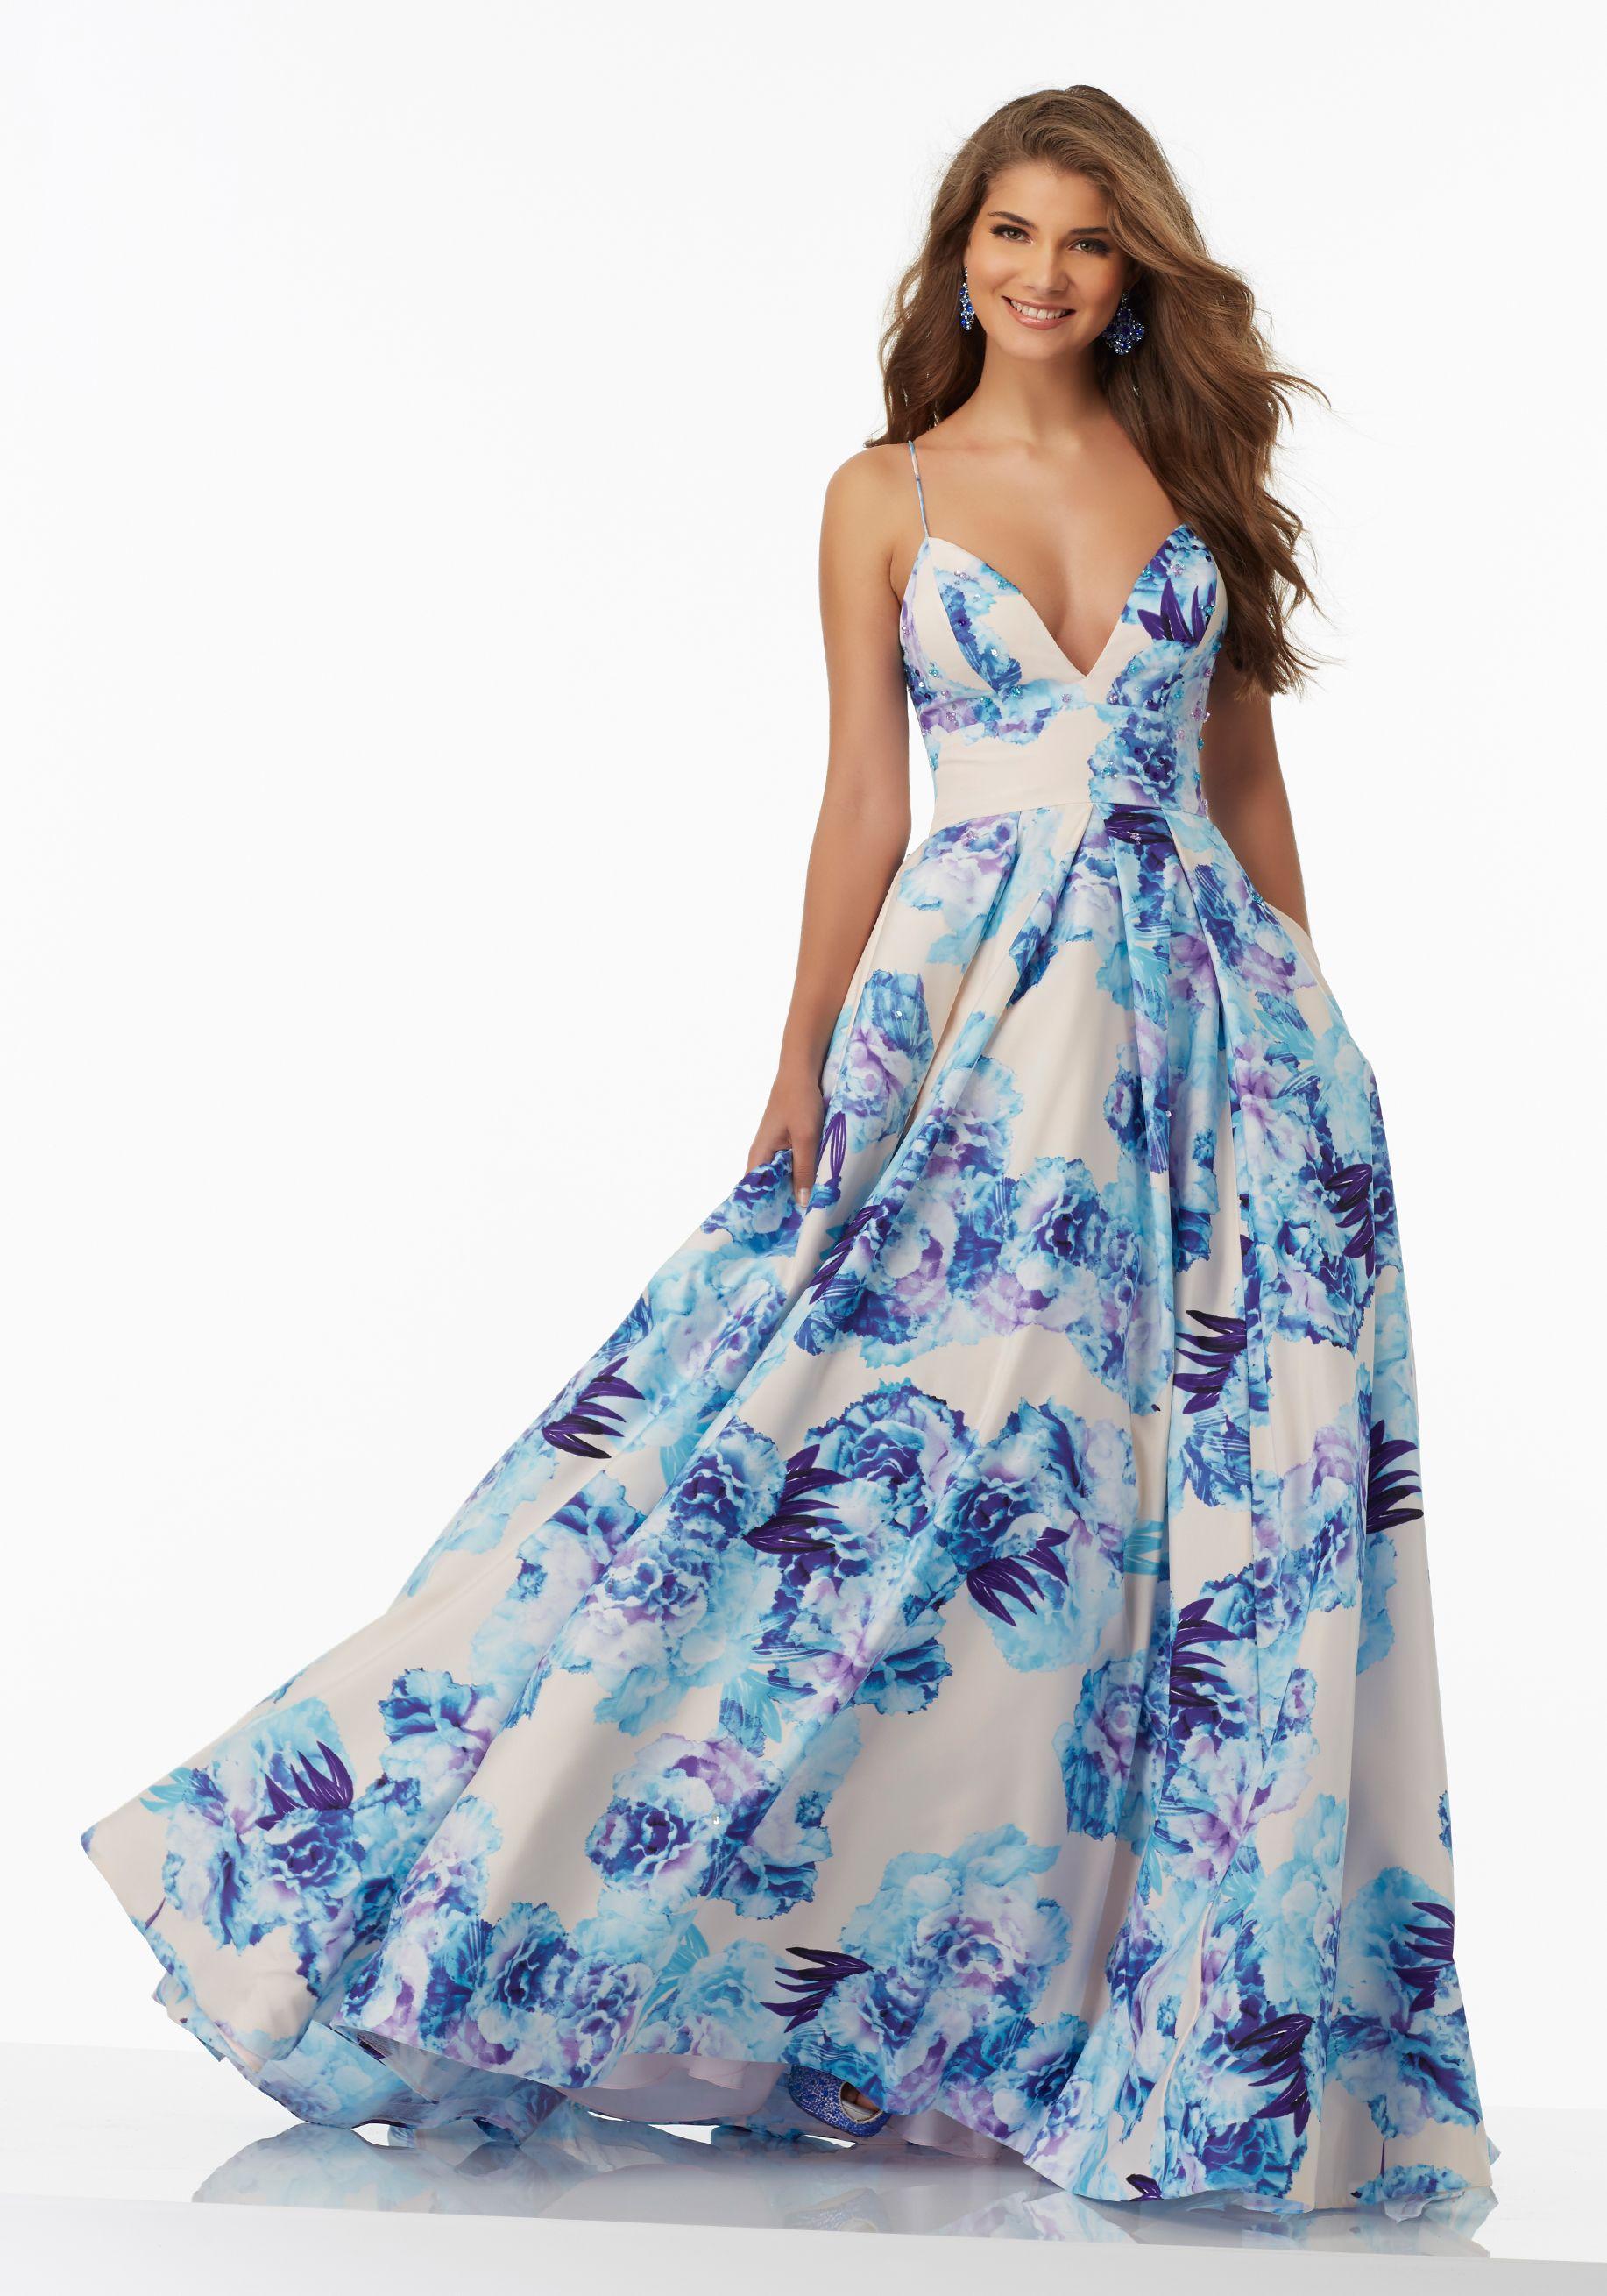 99046-1 | Vestidos | Pinterest | Vestidos bonitos, Vestiditos y Bonitas